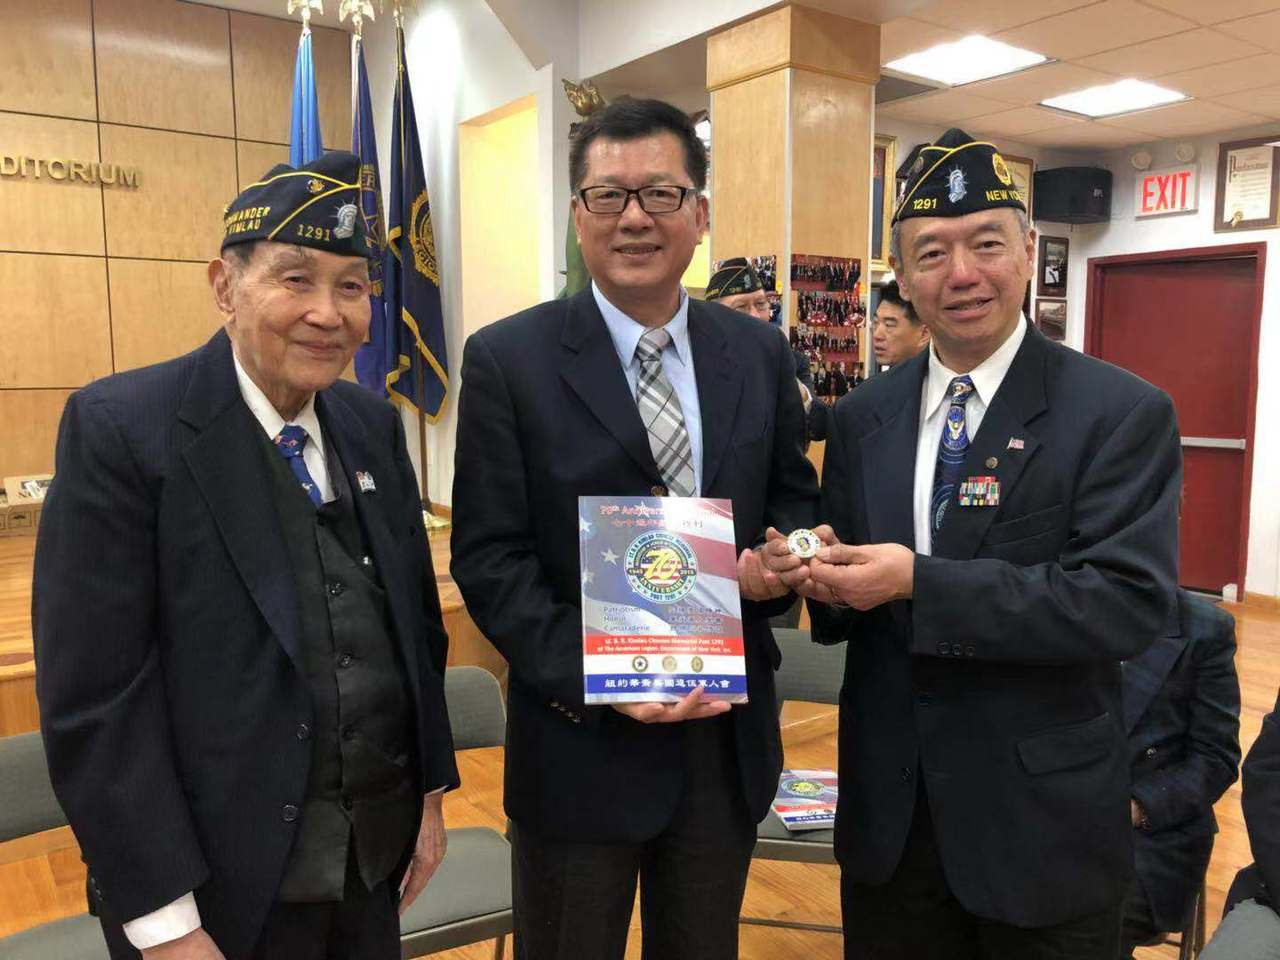 中華民國退役官兵輔導委員會拜會紐約華裔美國退伍軍人會與中華公所。 記者張晨/攝影